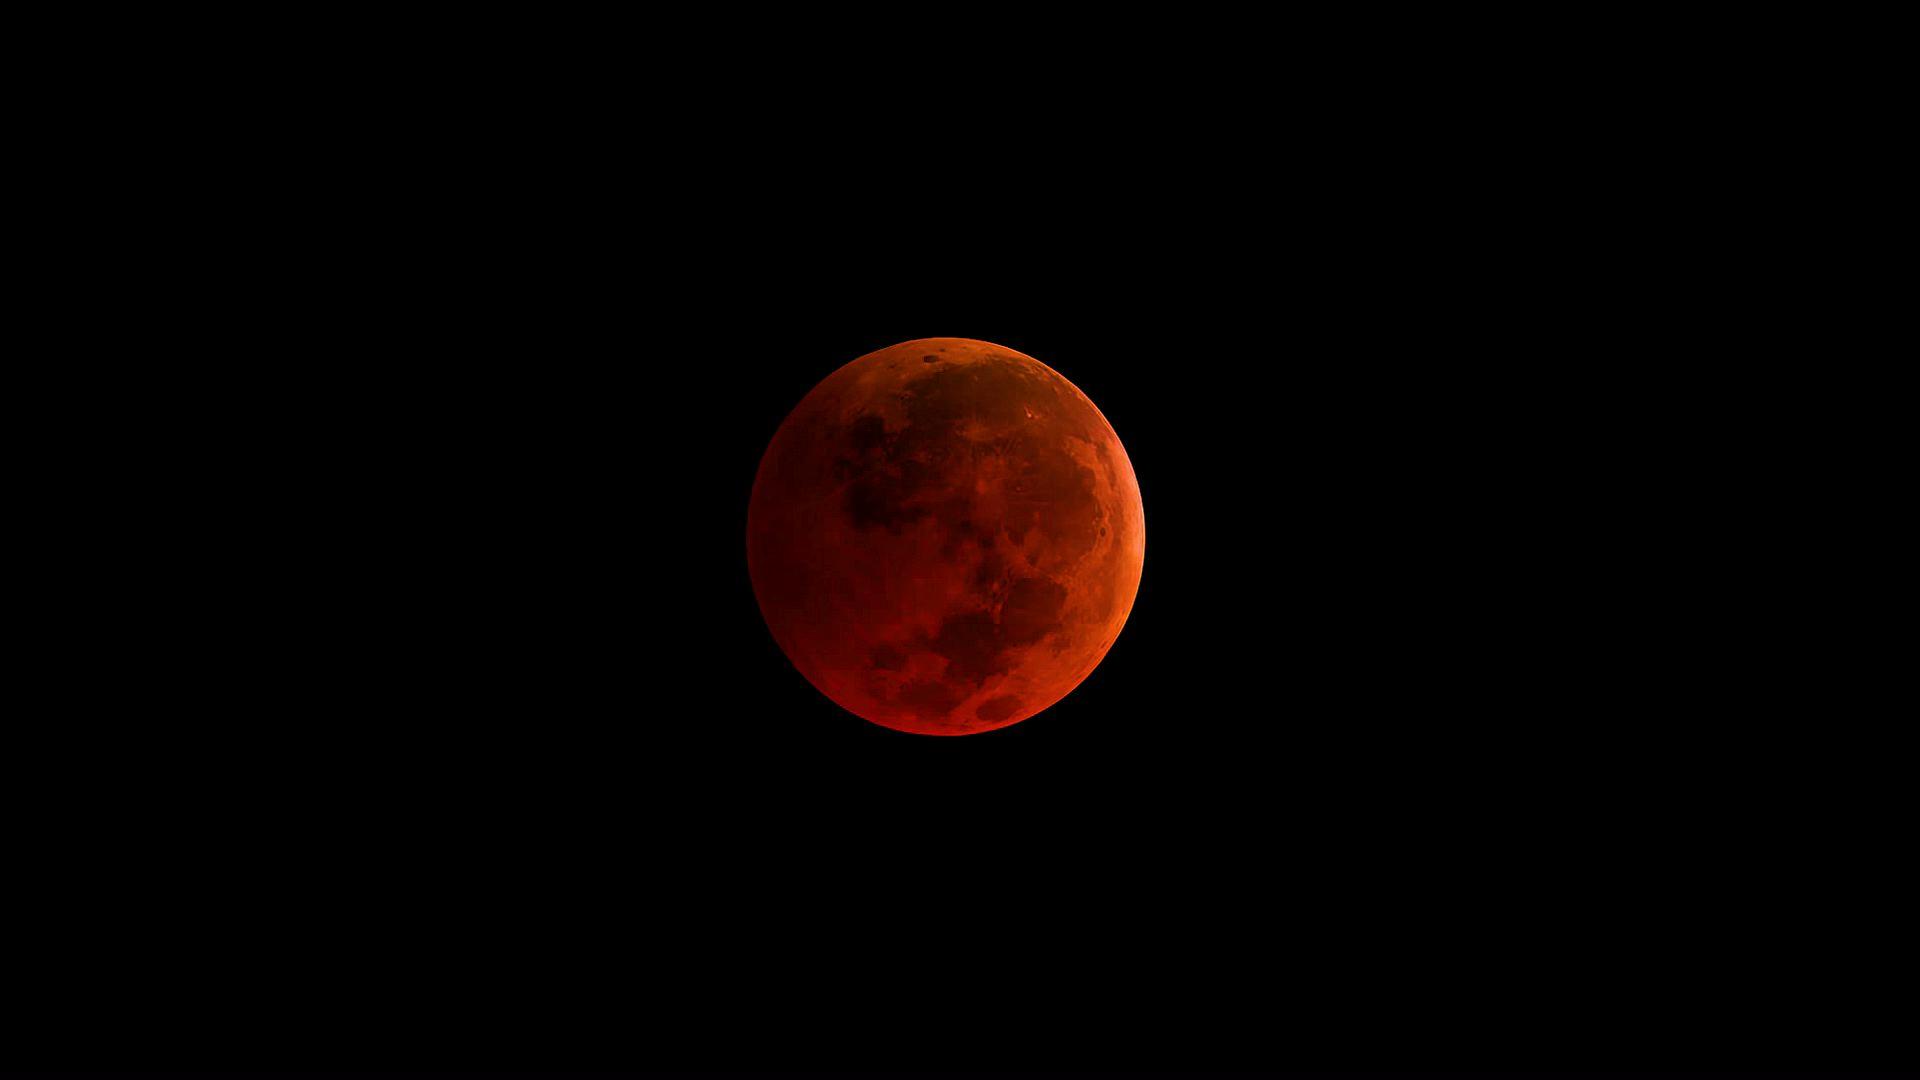 Hora exacta para ver en Yucatán el eclipse lunar; hay luna de sangre (video)